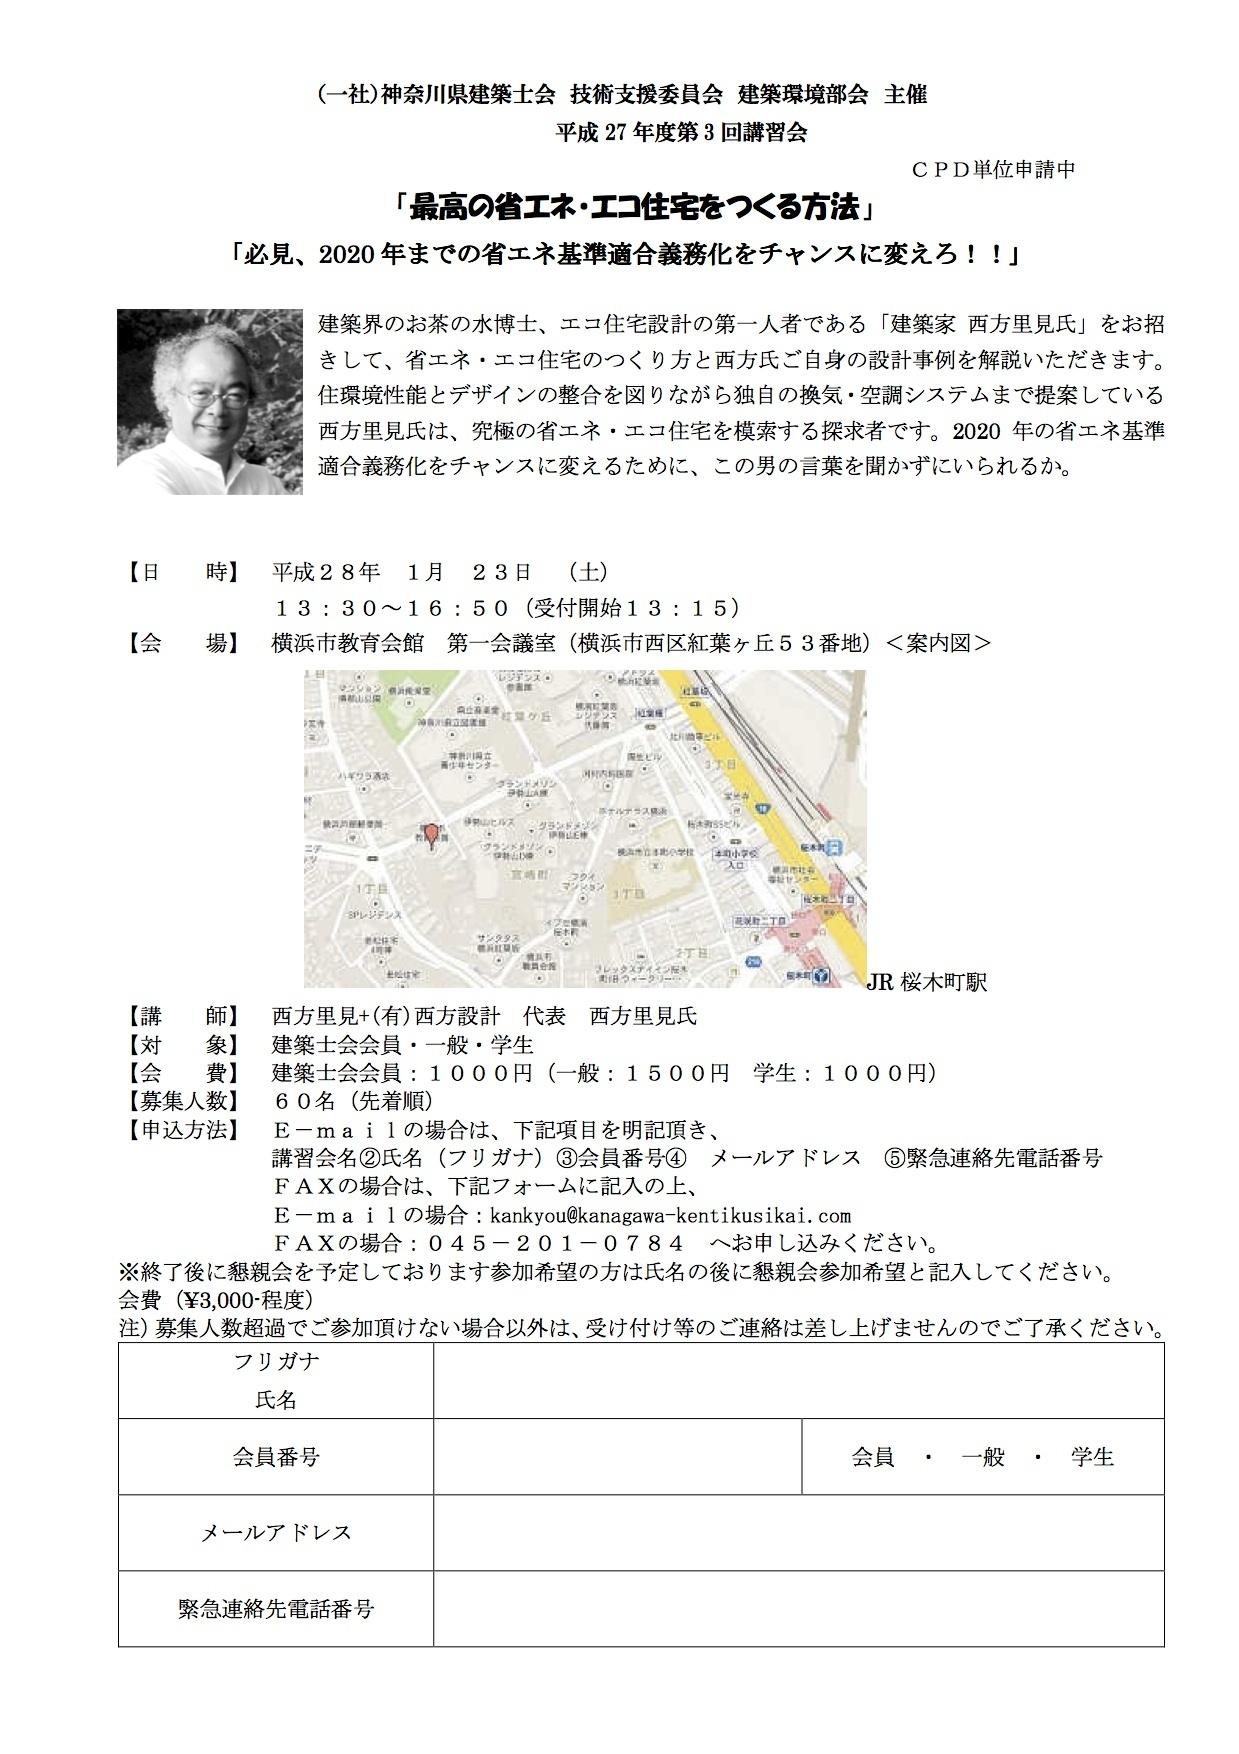 1月23日に横浜で講師_e0054299_11155366.jpg